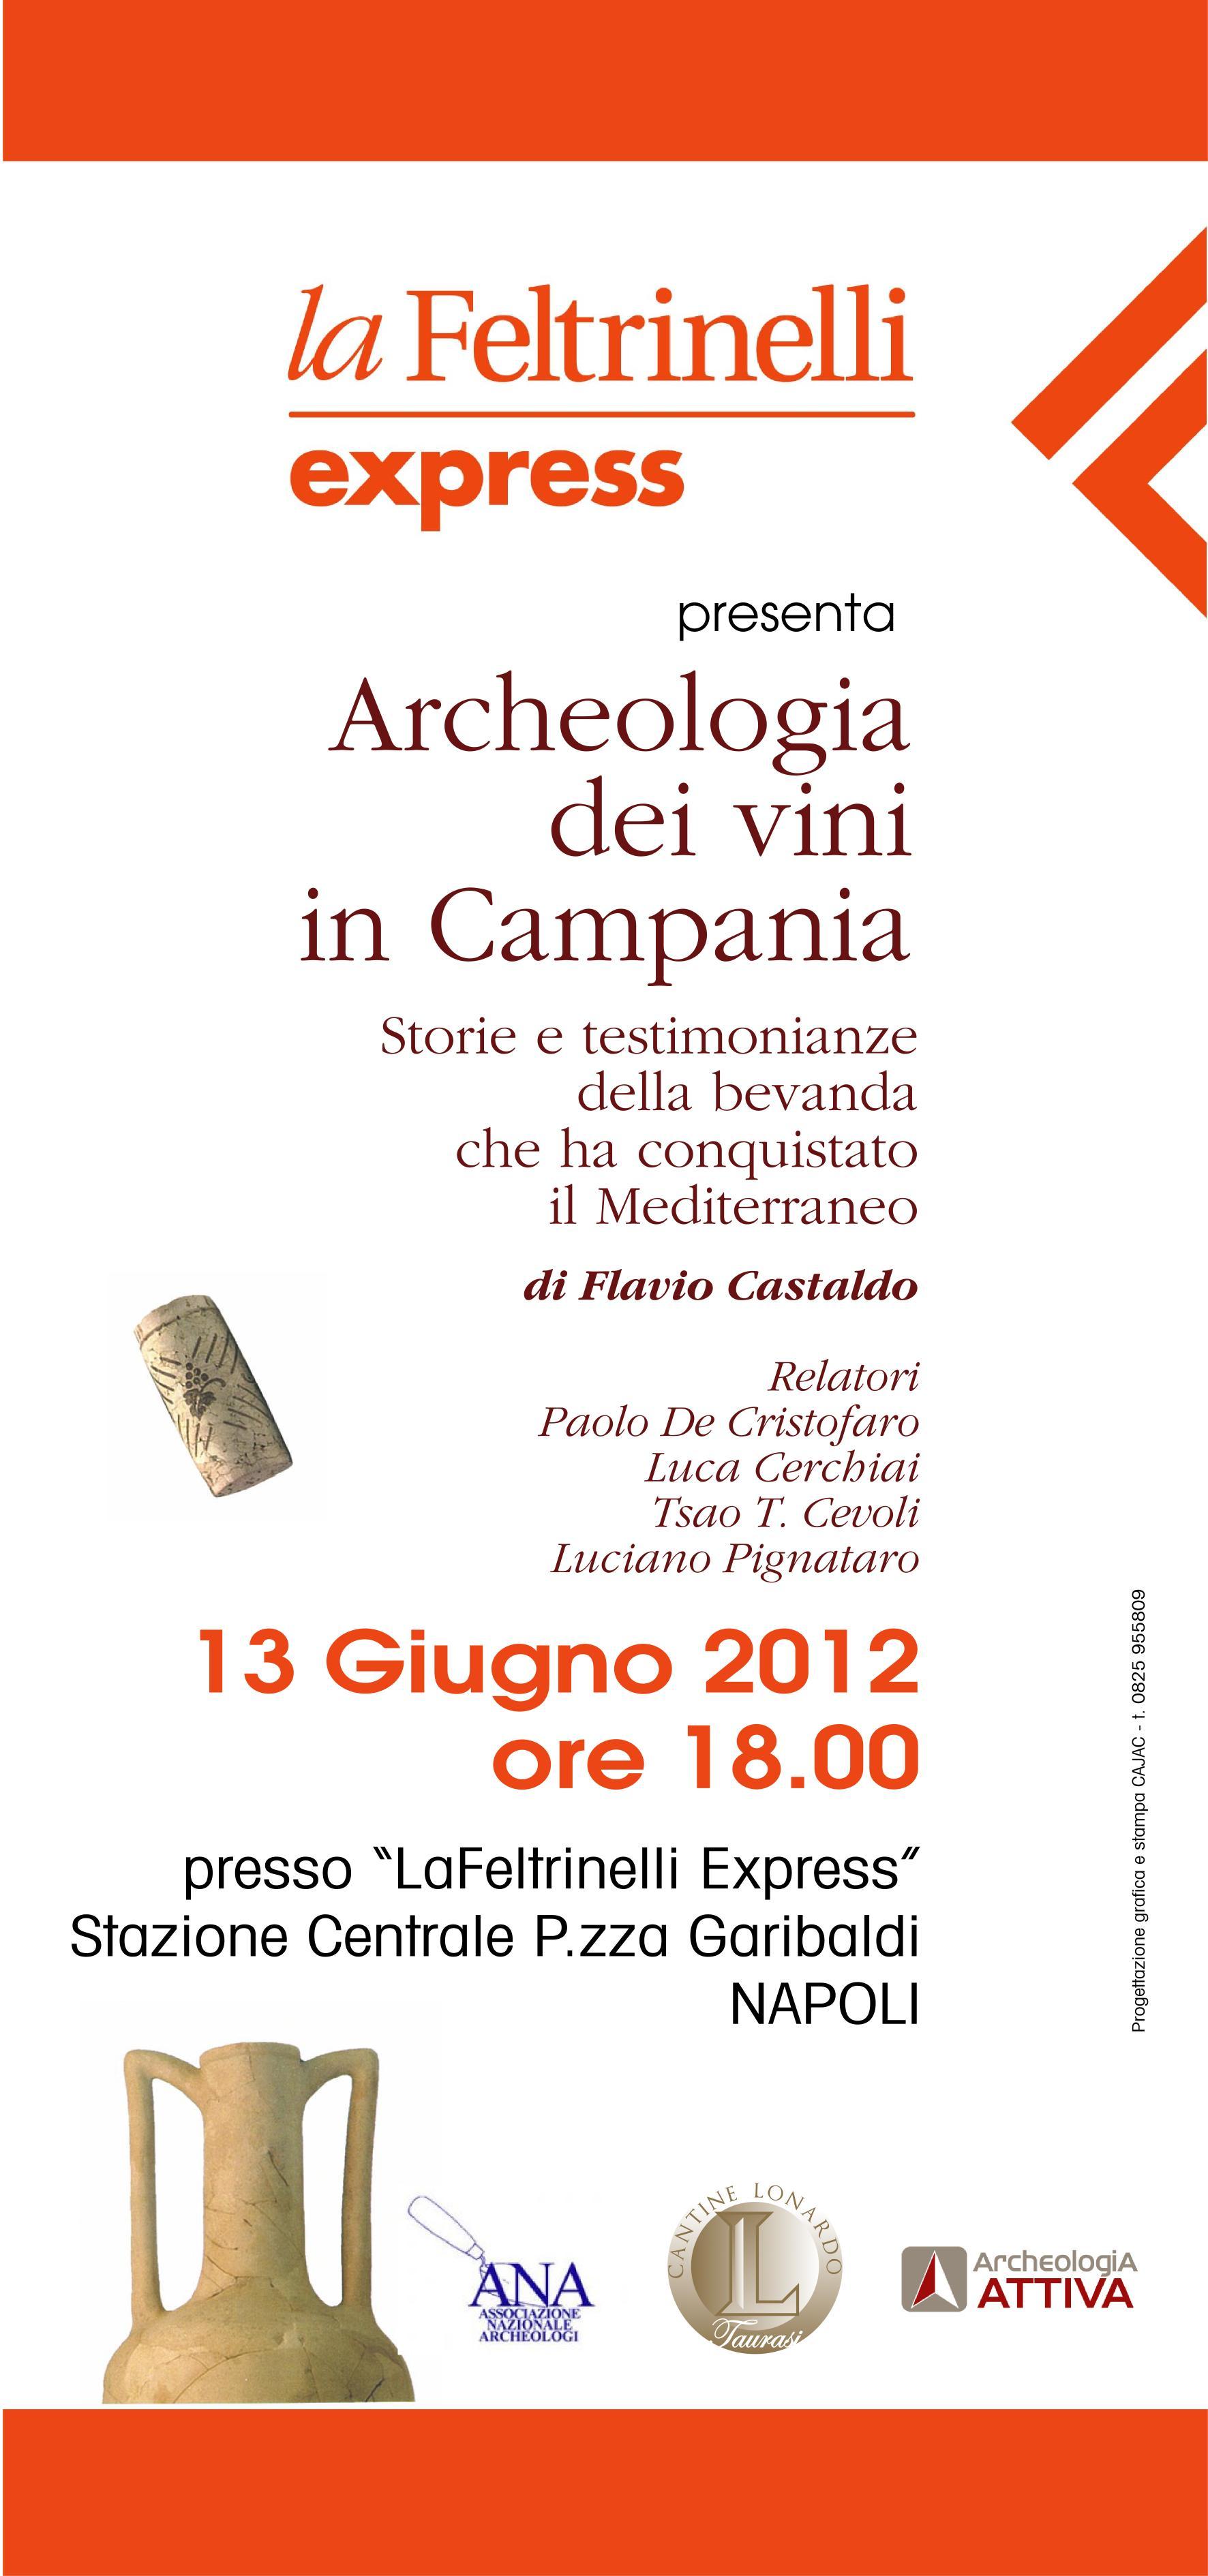 Archeologia dei vini in campania alla feltrinelli express for Sito della feltrinelli